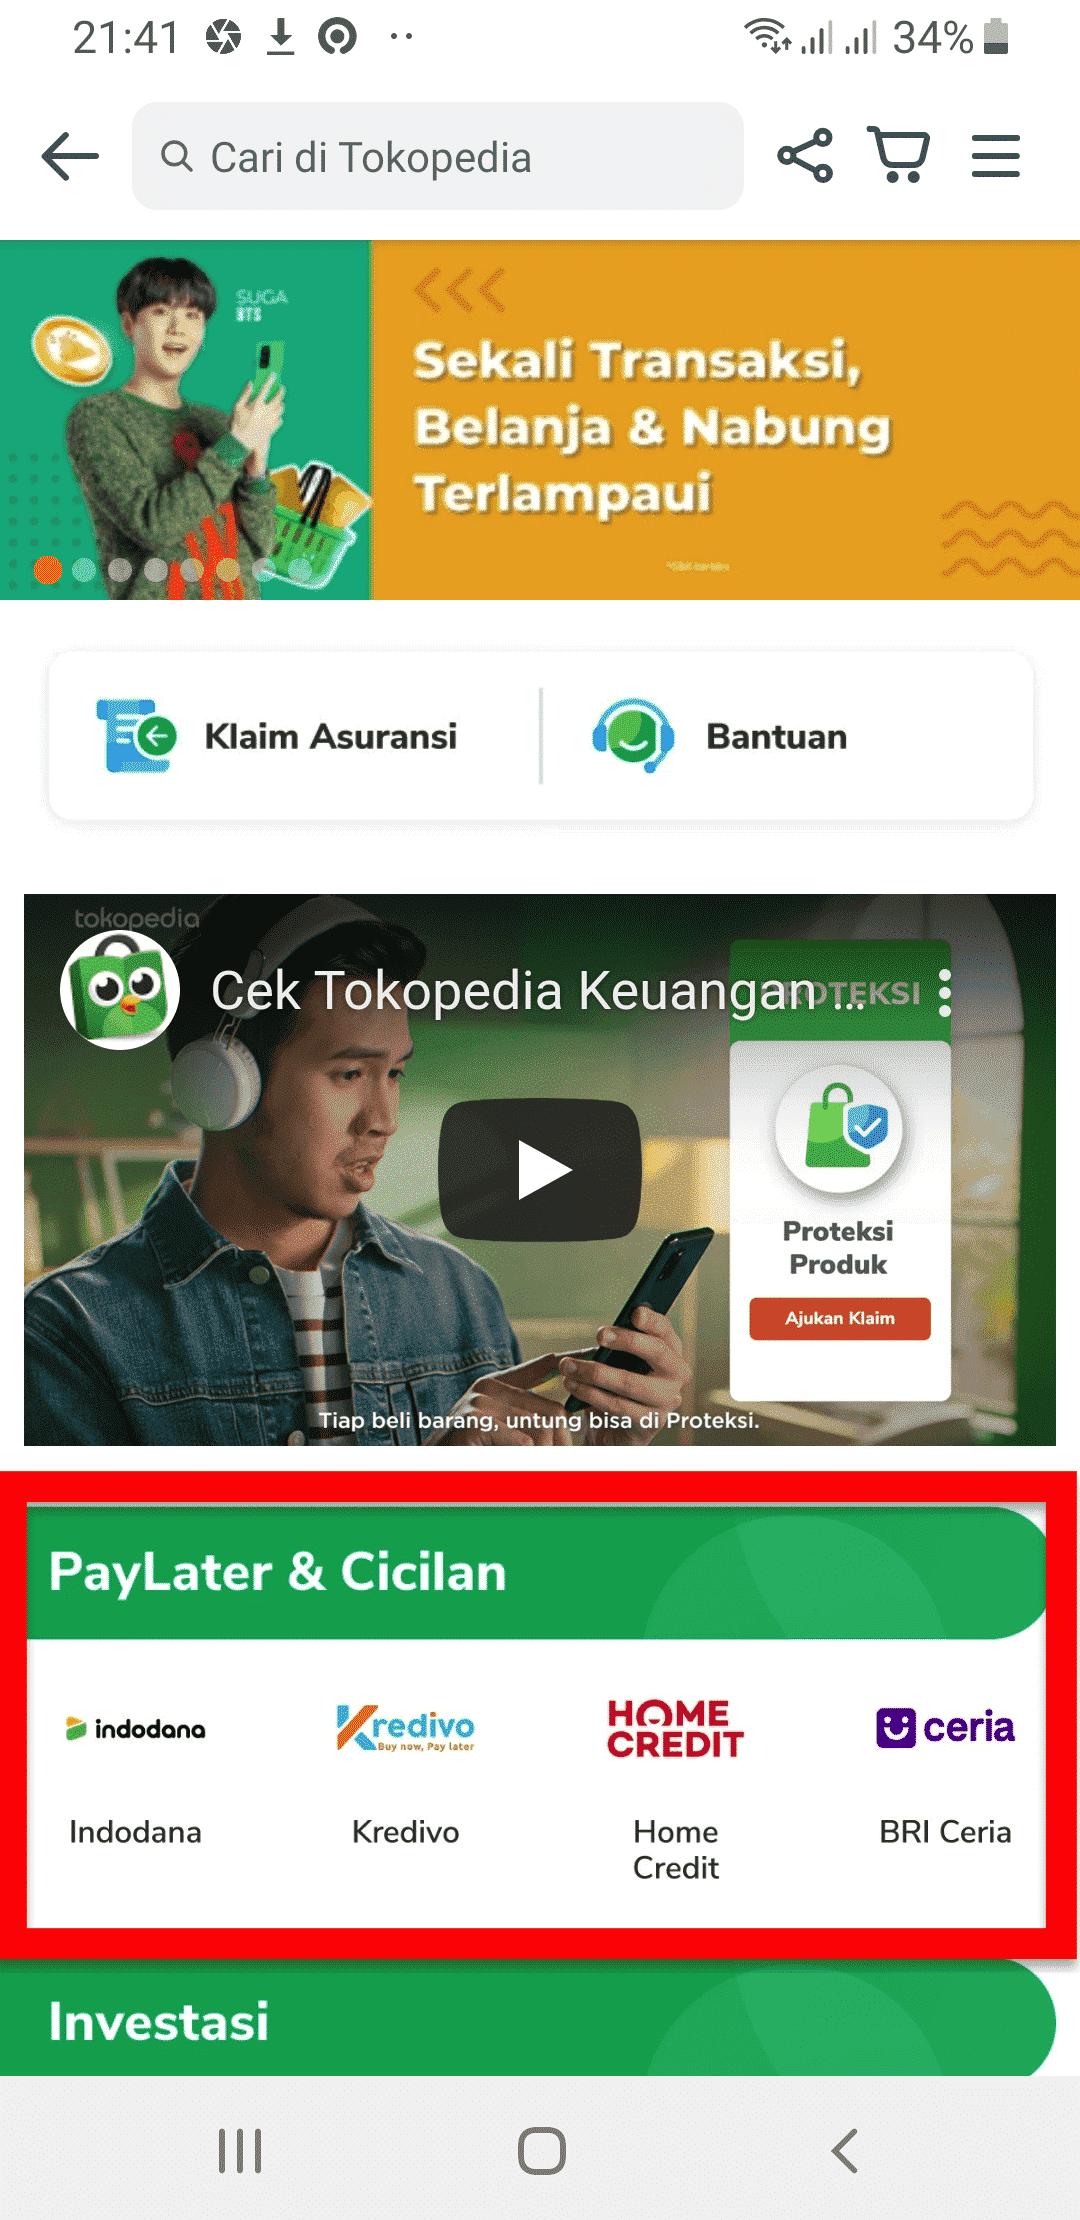 PayLater Cicilan Cara Kredit di Tokopedia